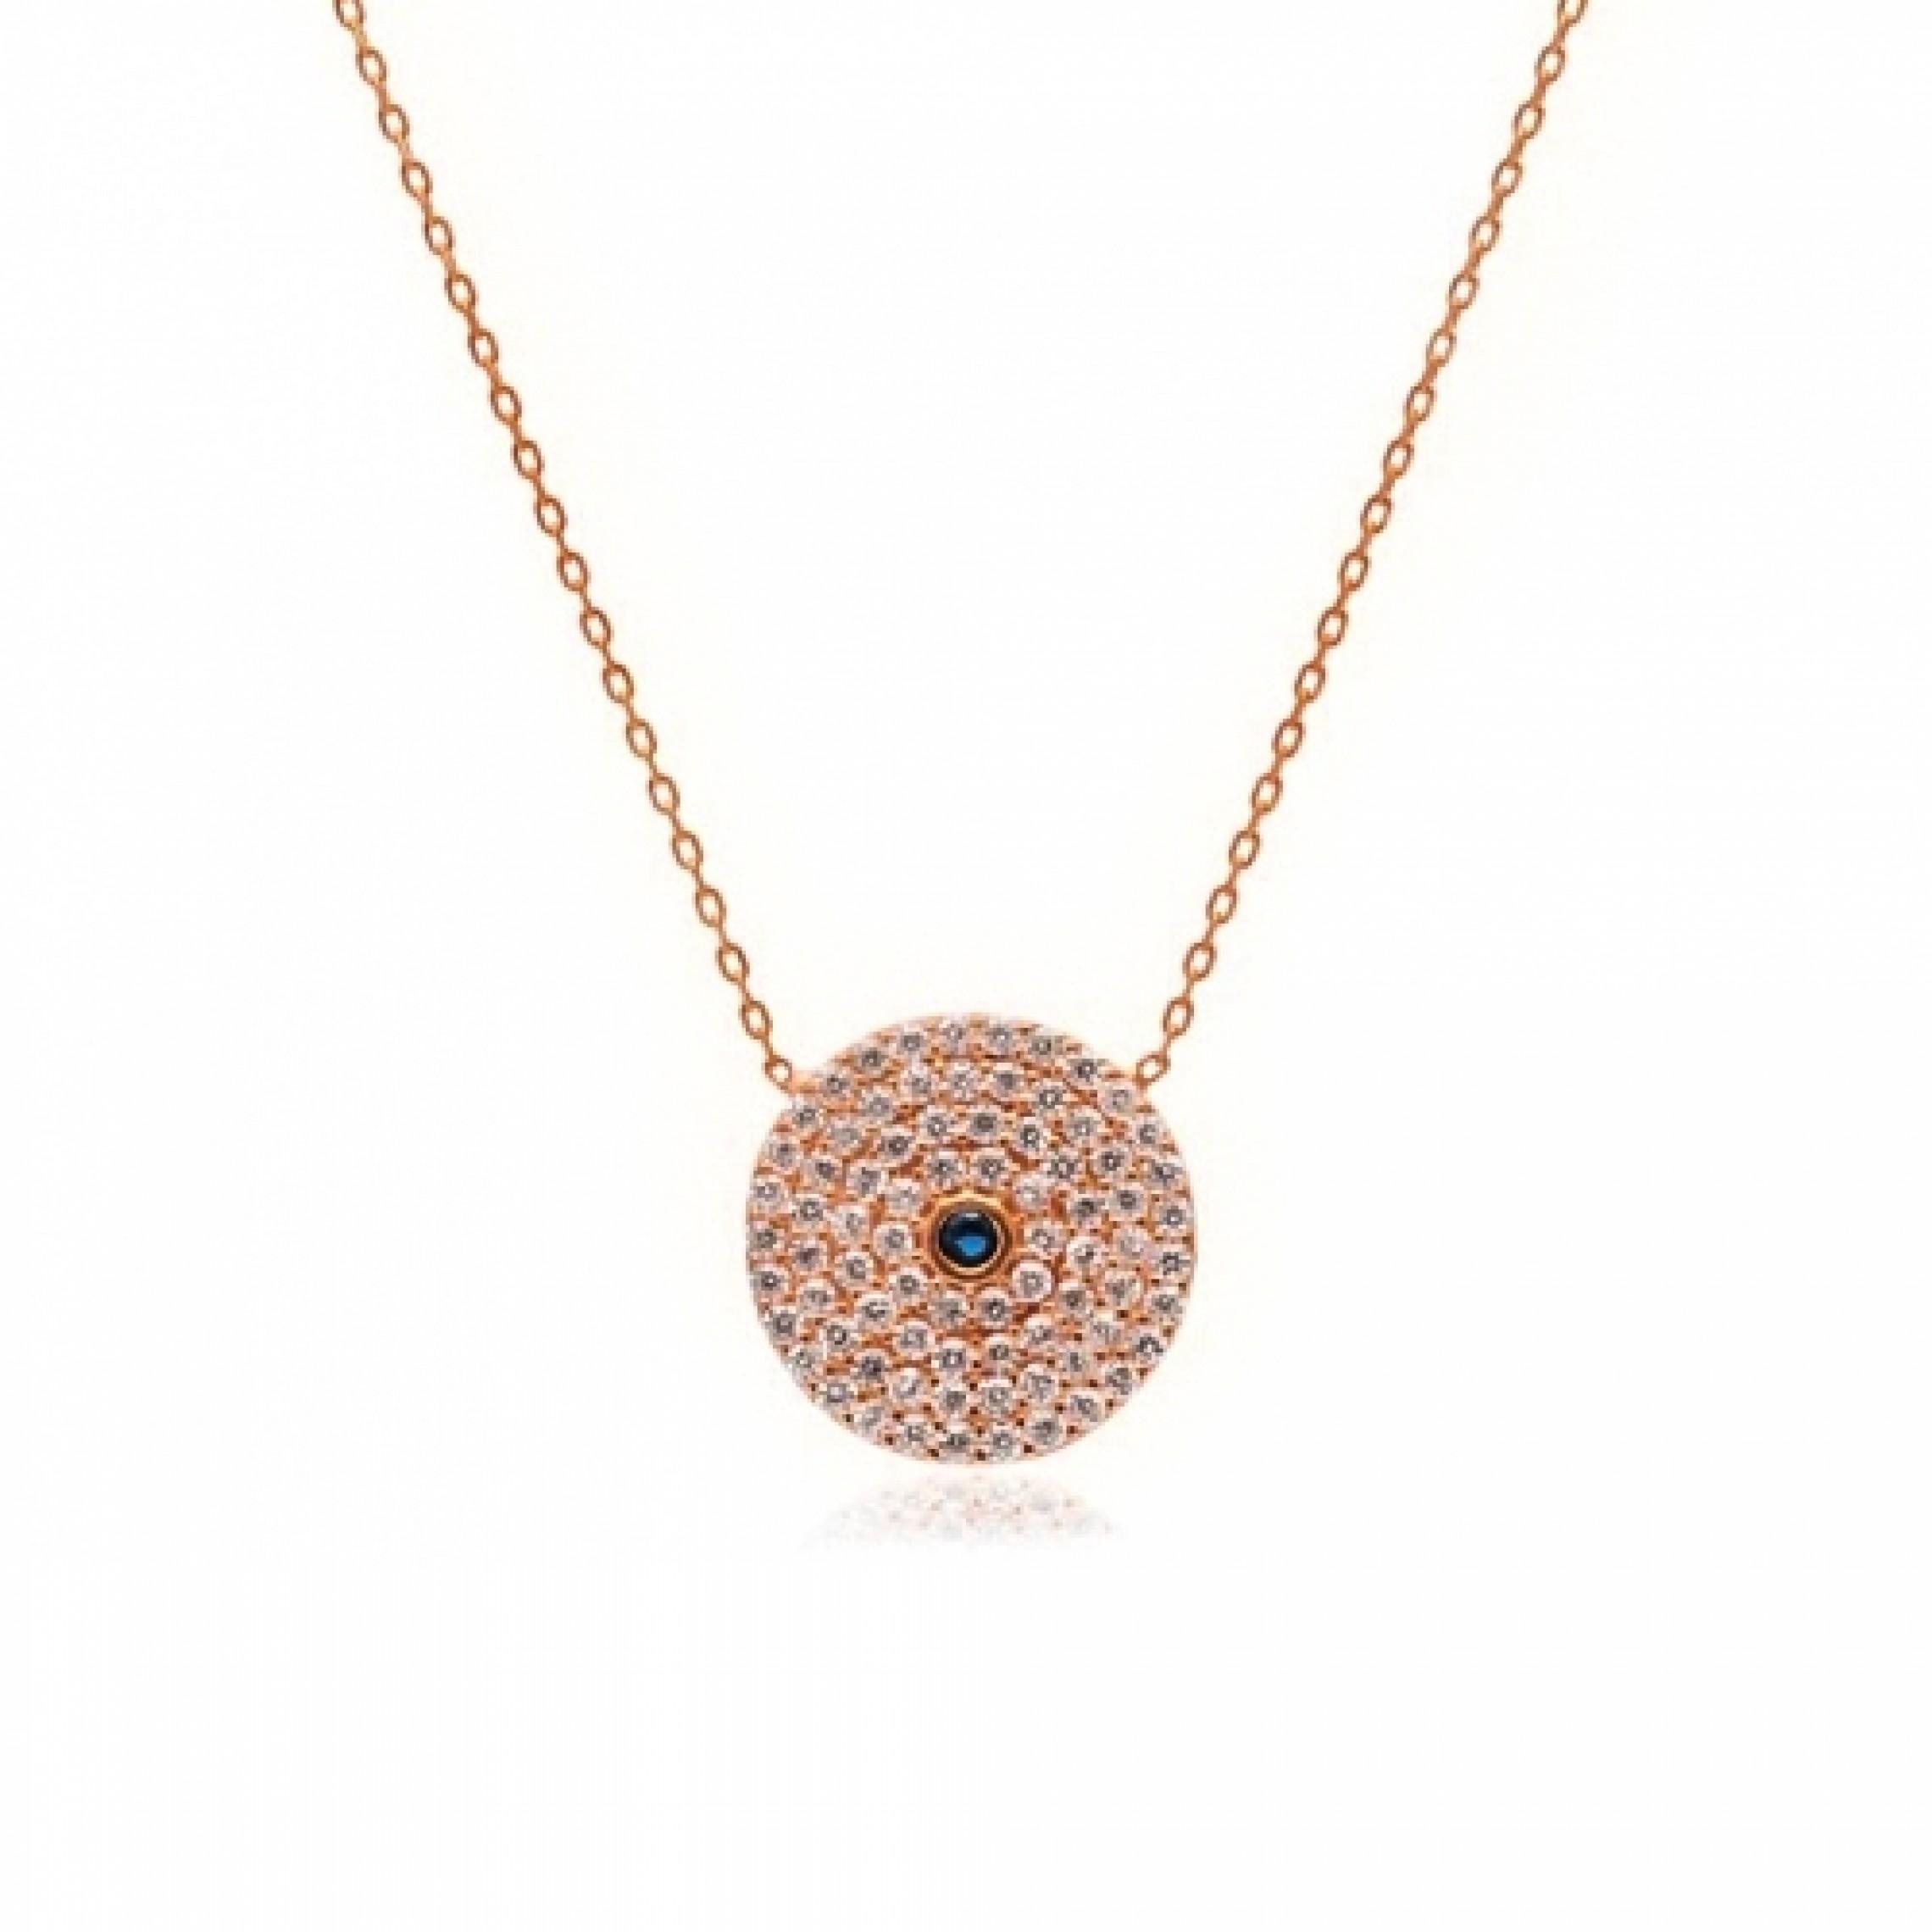 JN-190107 Evil Eye 925 Sterling Silver CZ Necklace